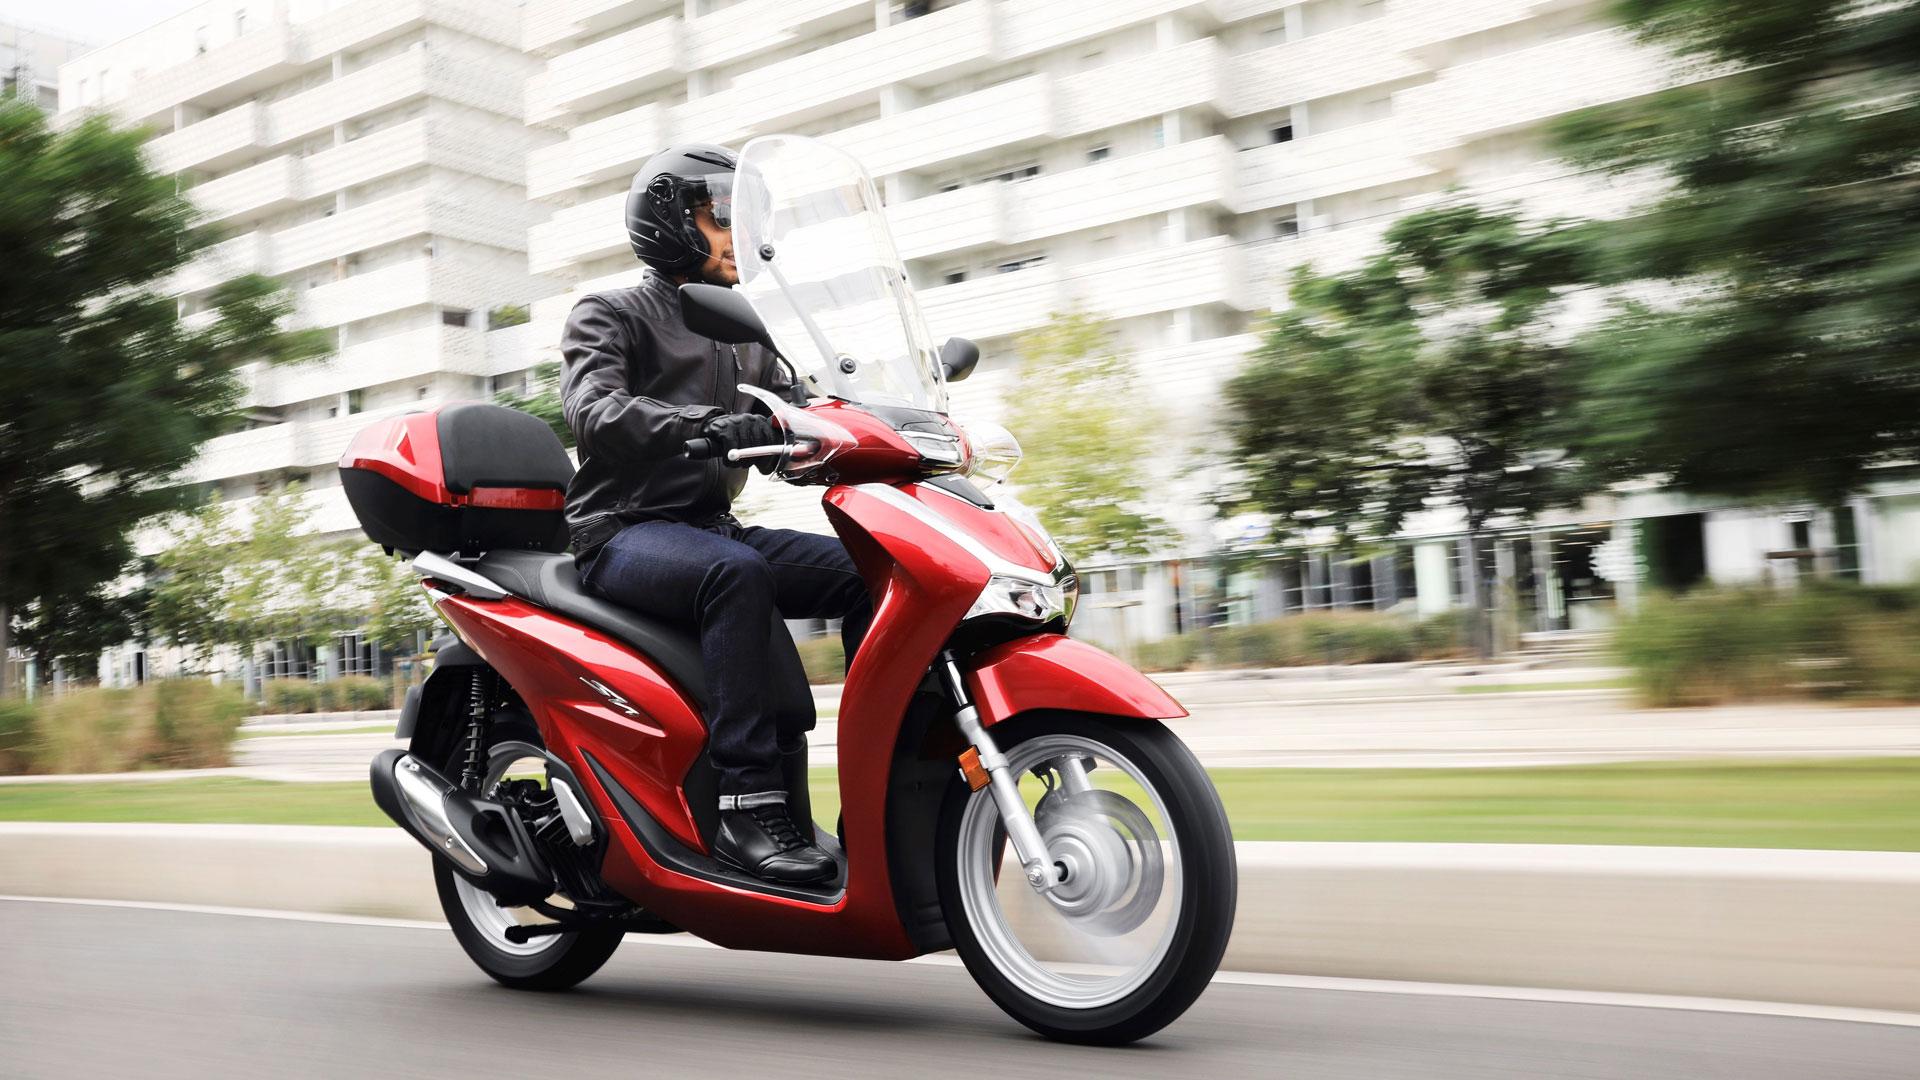 Honda SH125i precio y disponibilidad